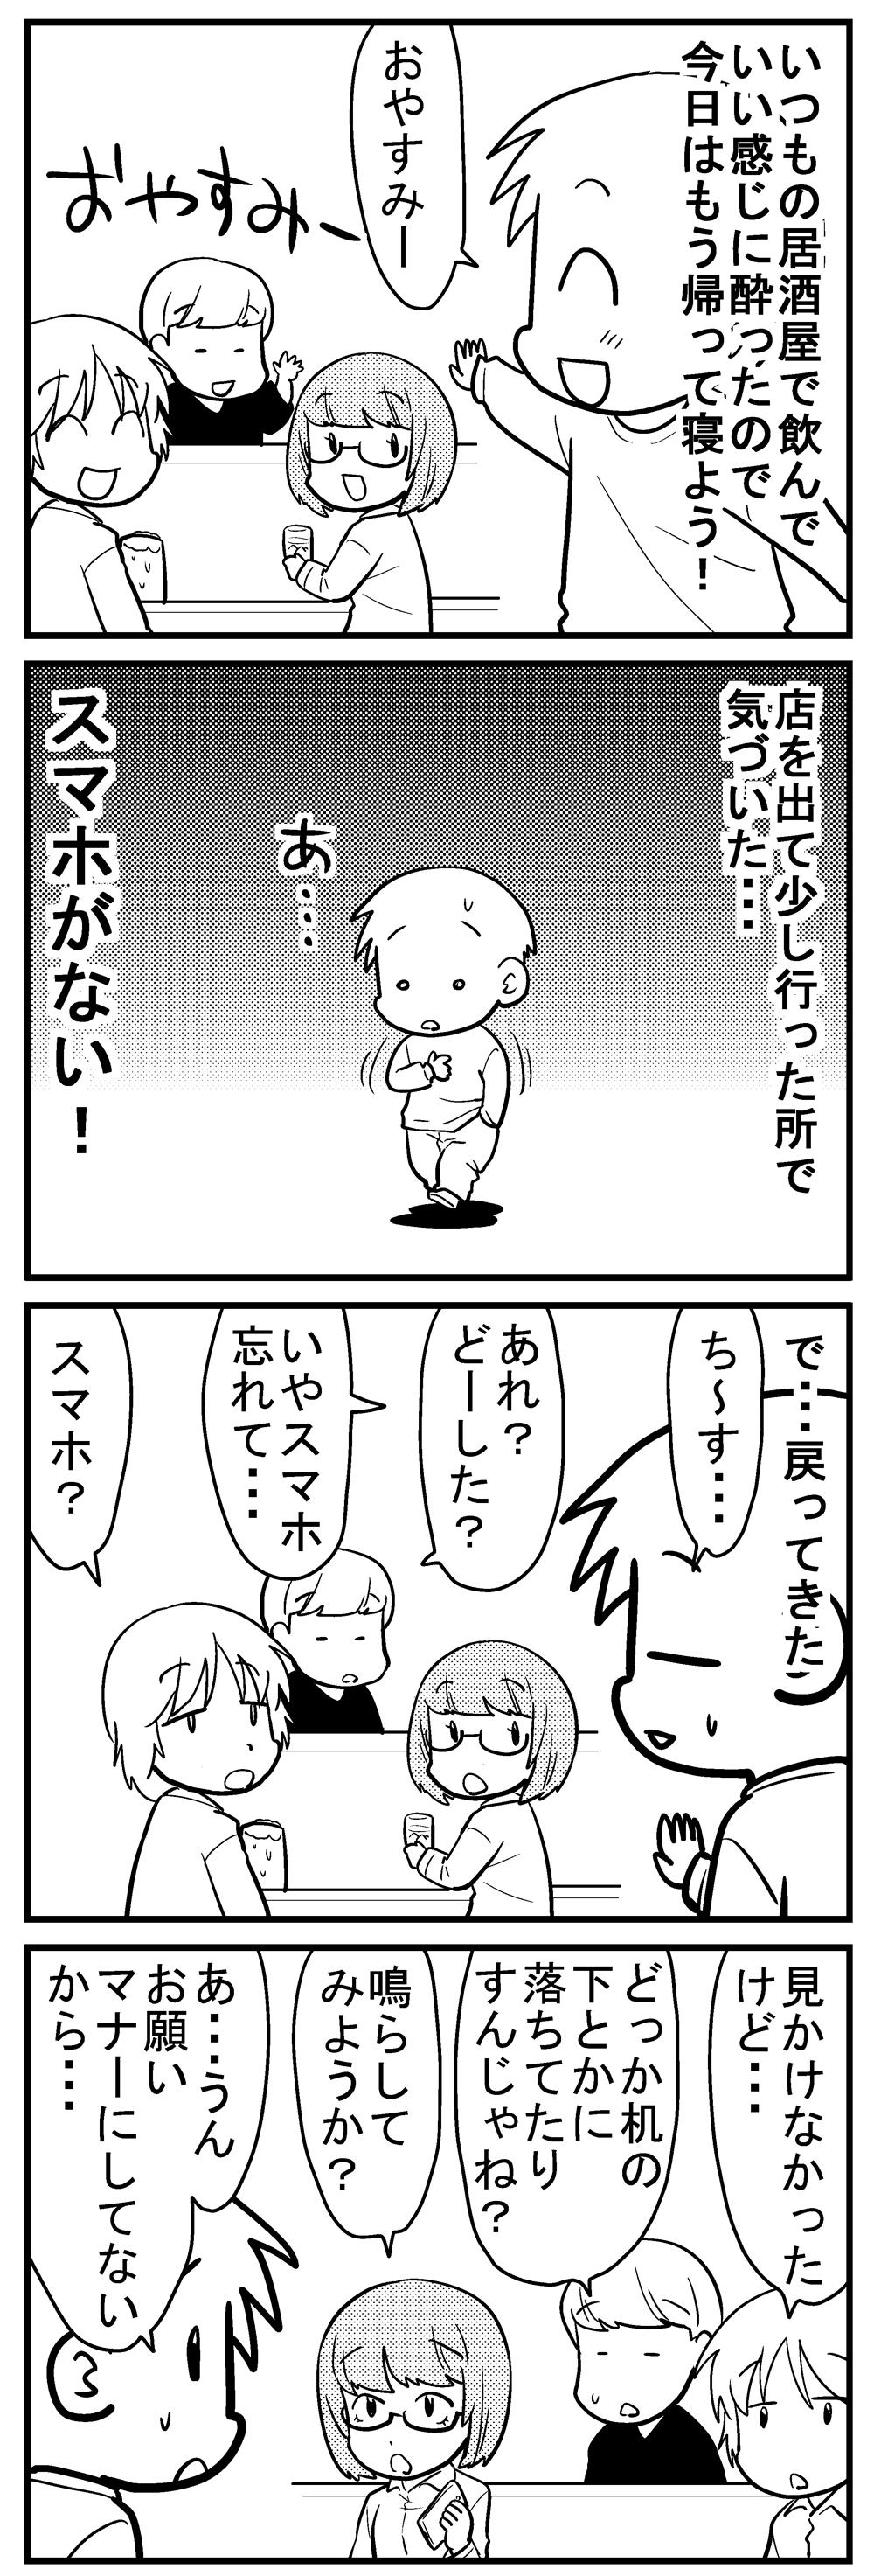 深読みくん129-1